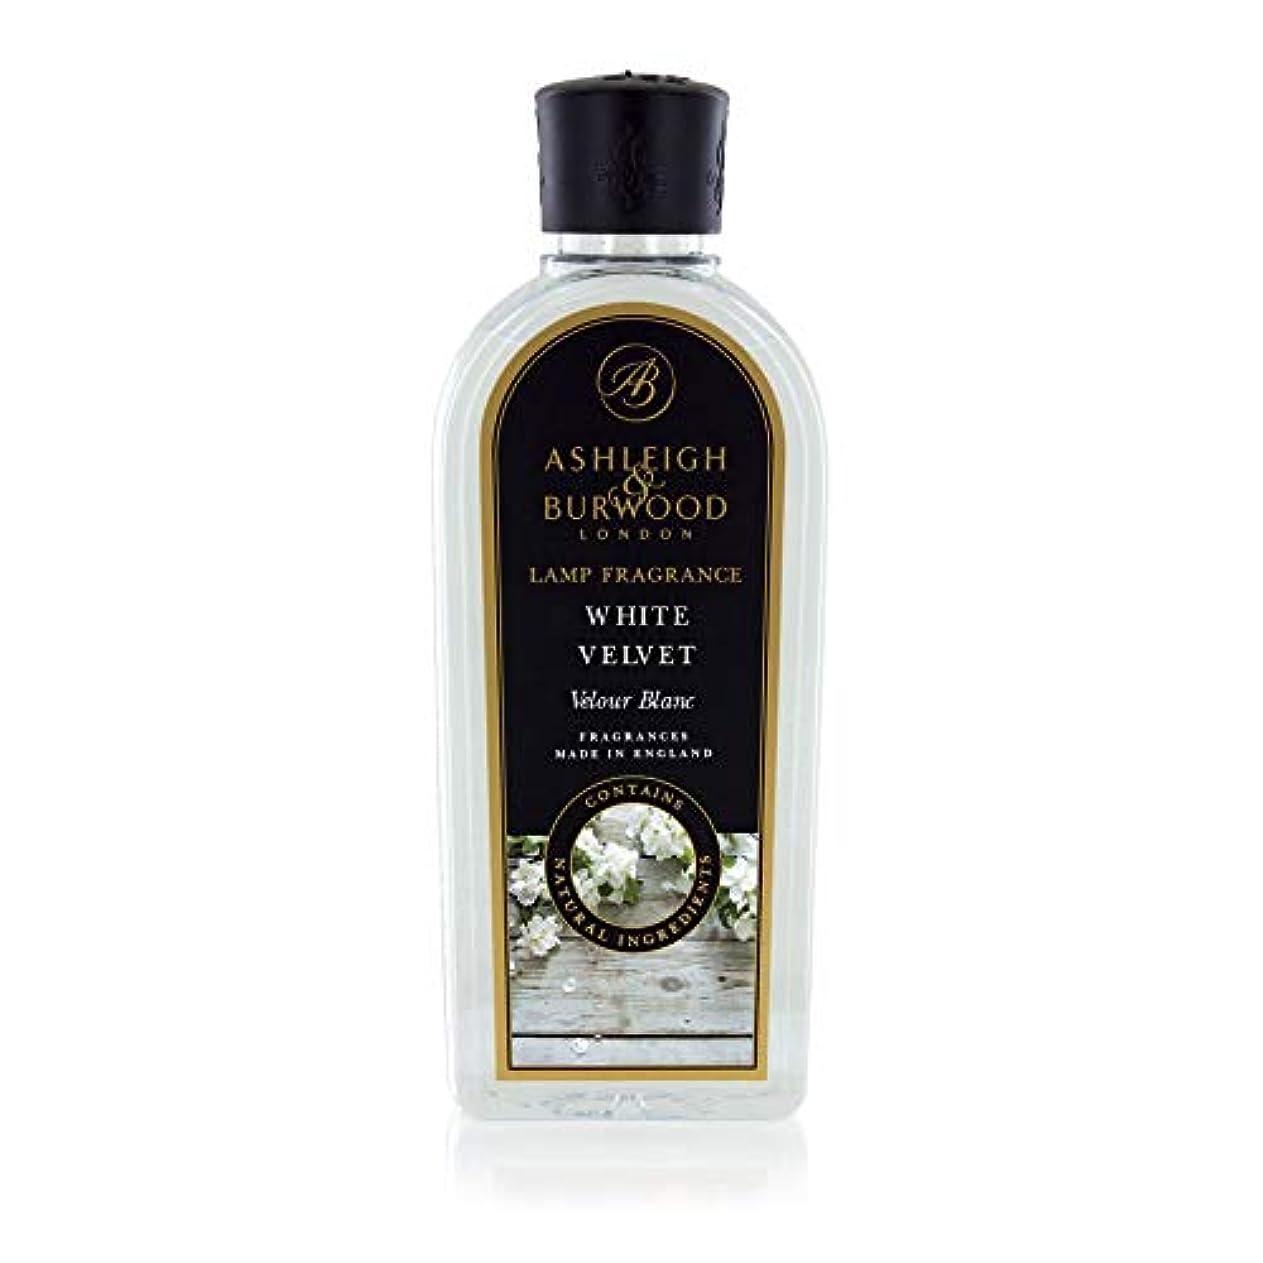 器官文献手順Ashleigh&Burwood ランプフレグランス ホワイトベルベット Lamp Fragrances WhiteVelvet アシュレイ&バーウッド